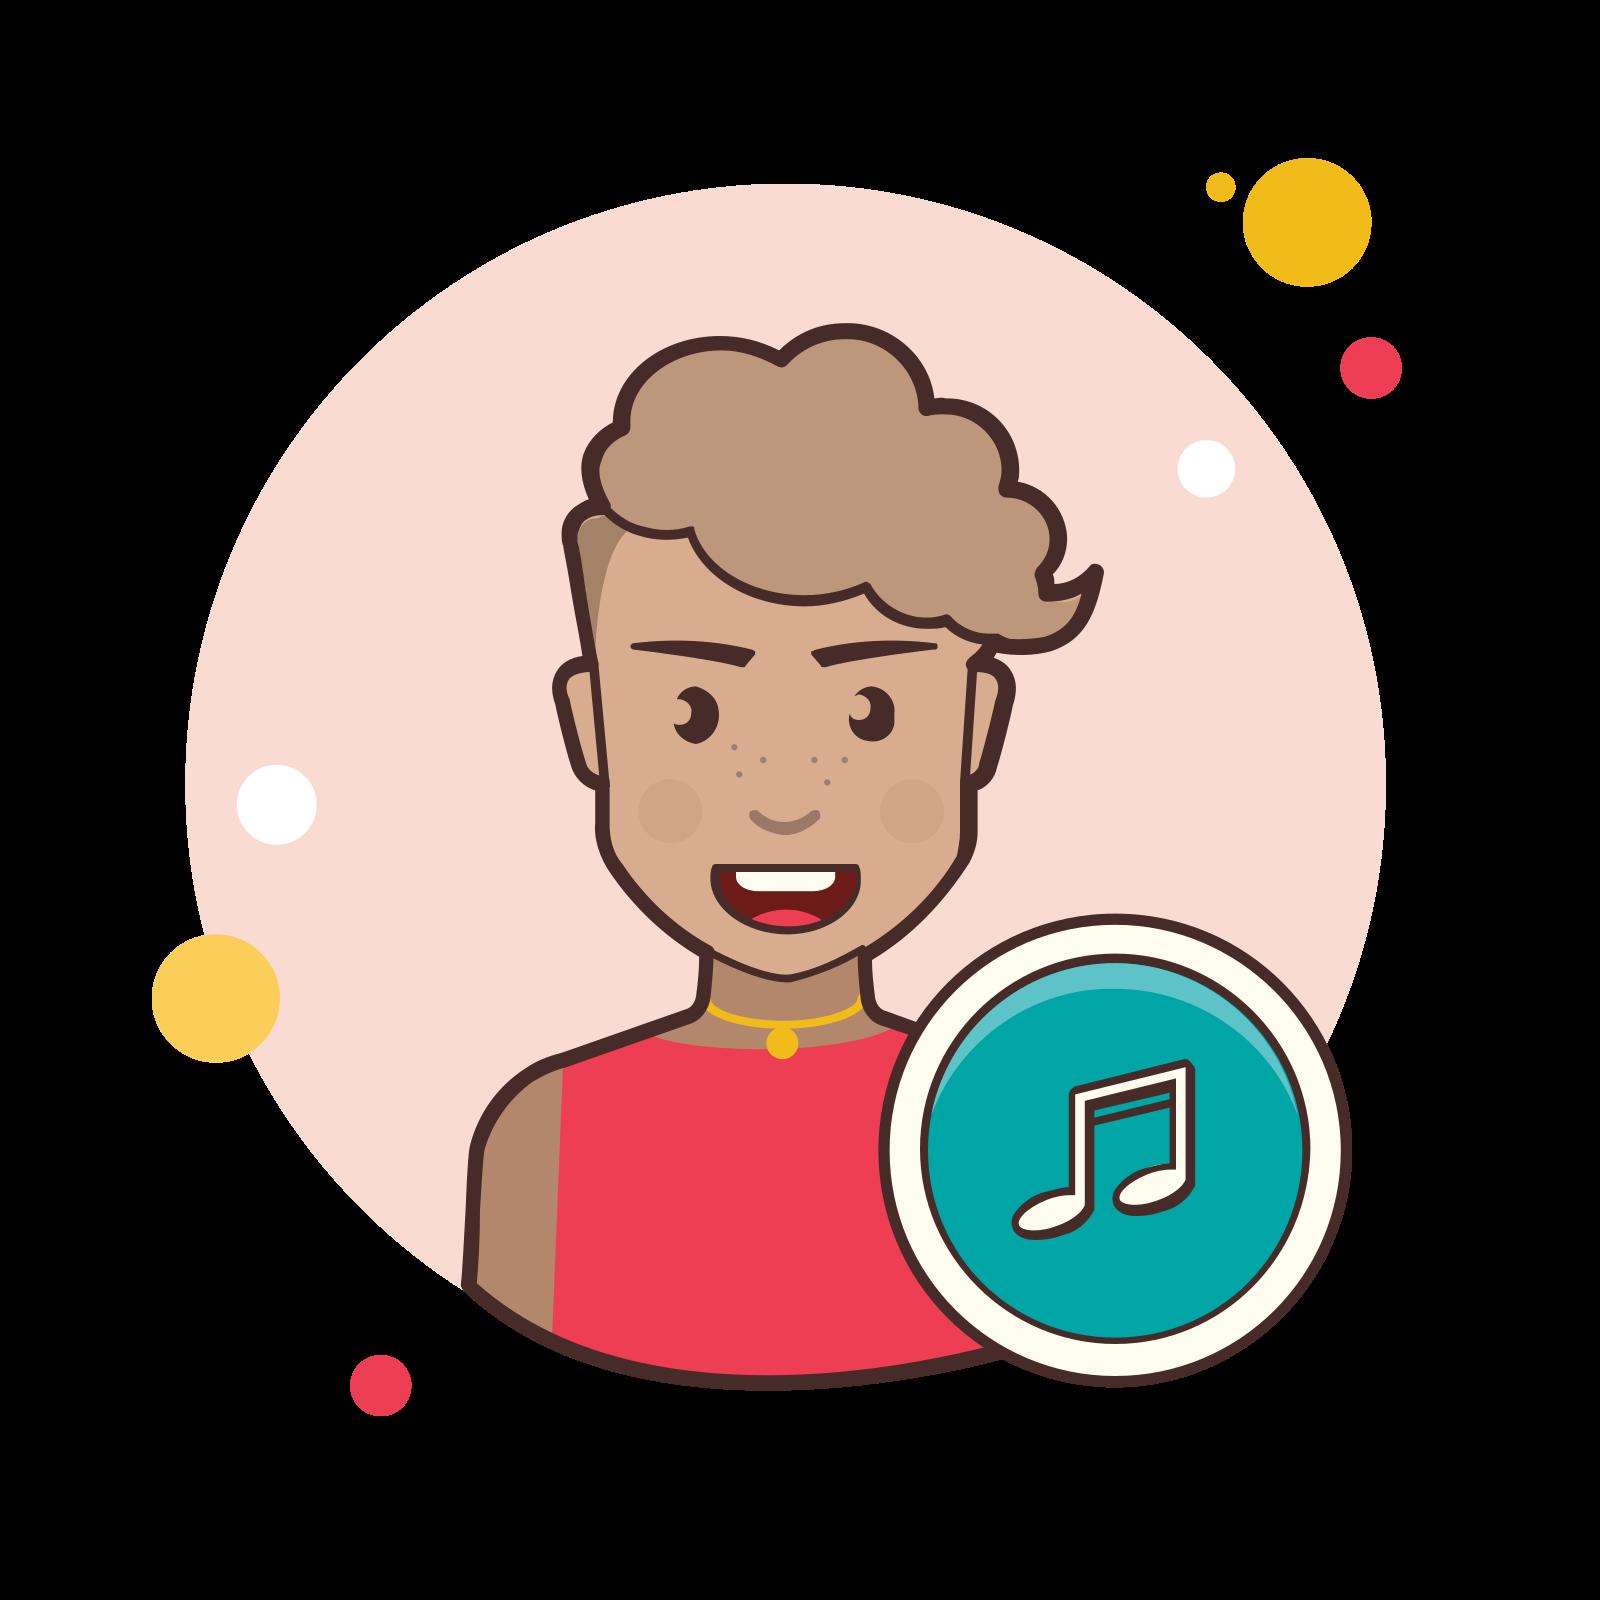 Musician female icon